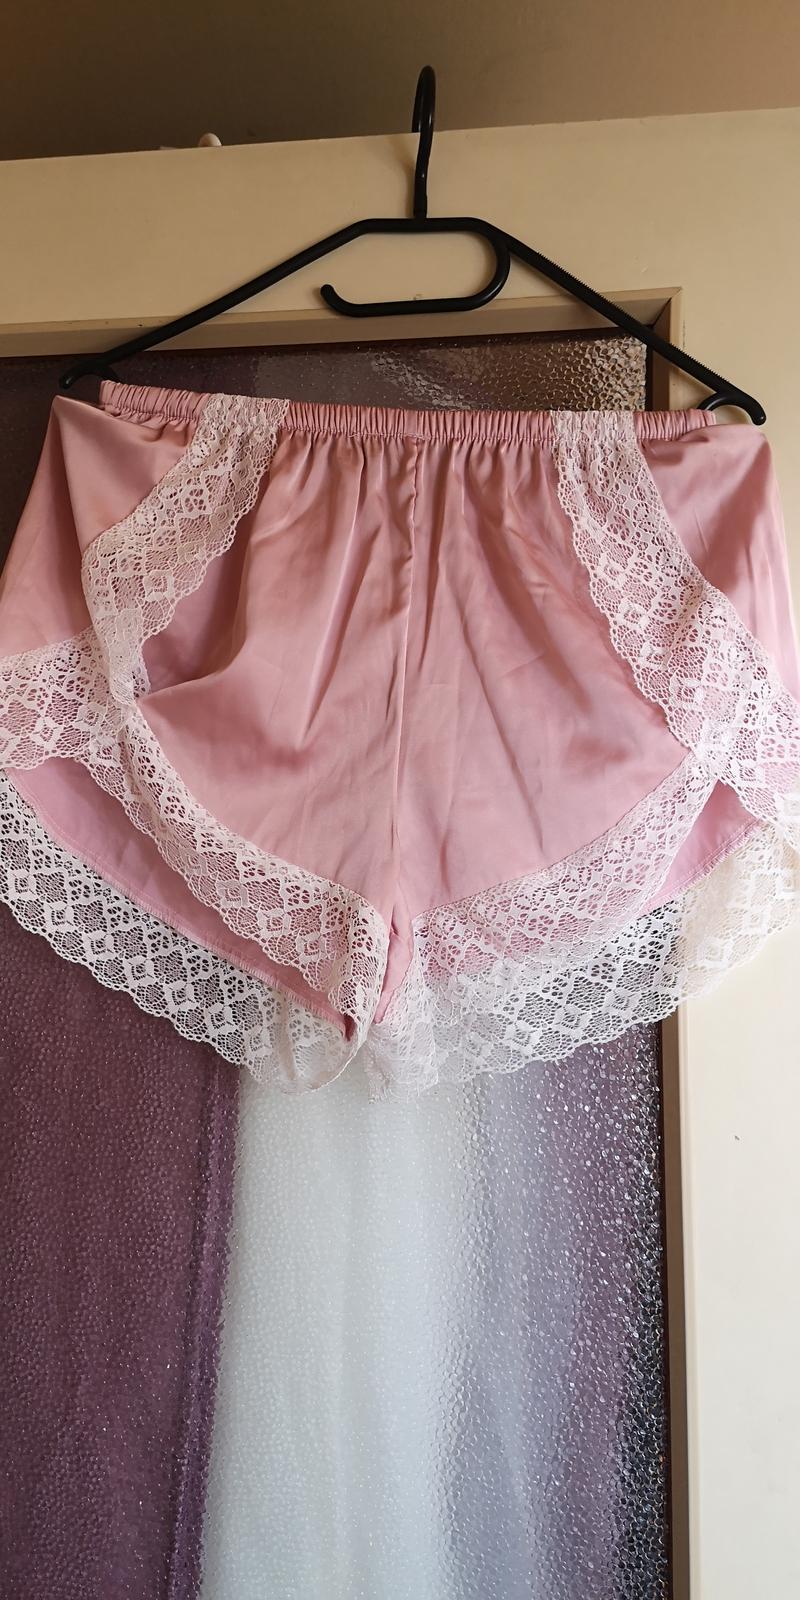 Světle růžový županek a pyžamko - Obrázek č. 2